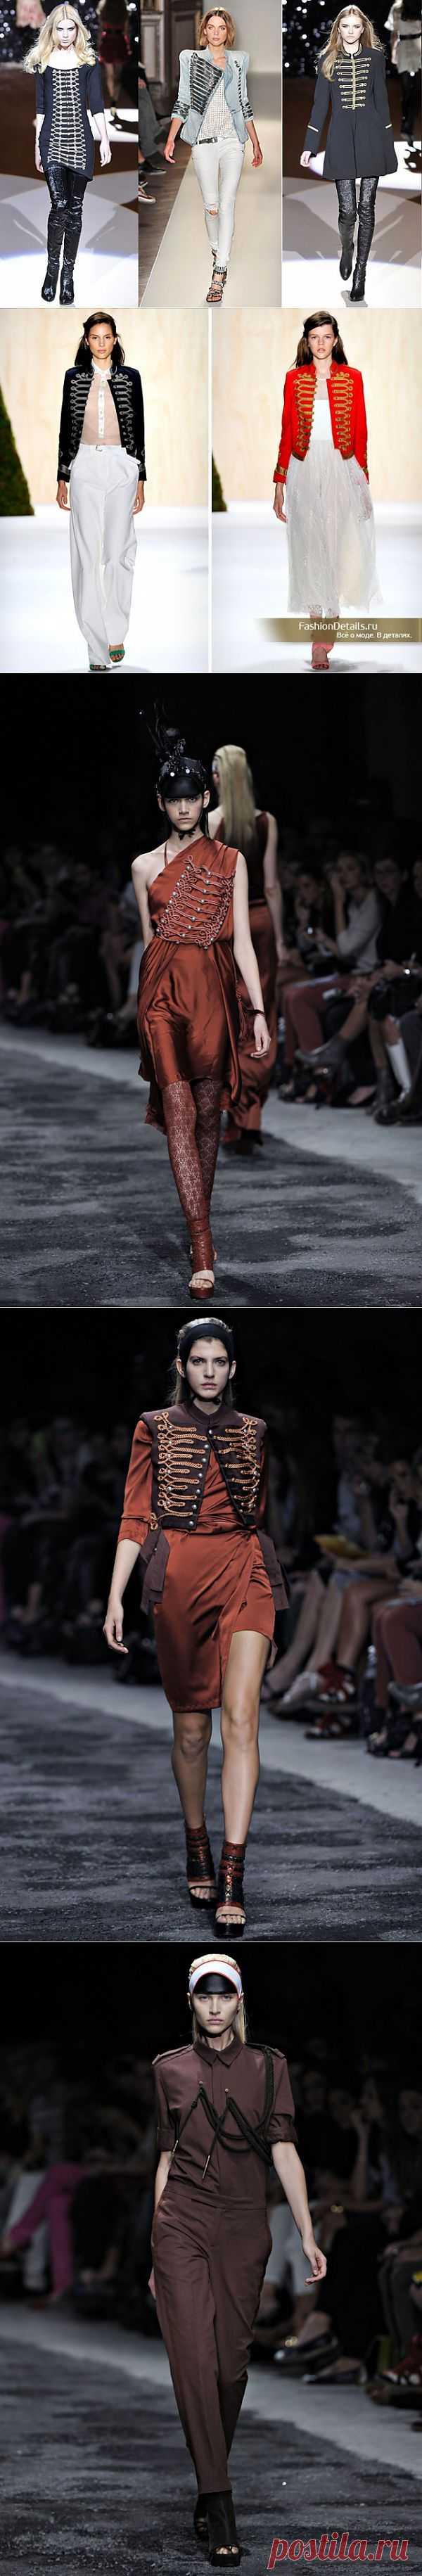 Элементы декора в стиле историческго милитари (трафик) / Детали / Модный сайт о стильной переделке одежды и интерьера